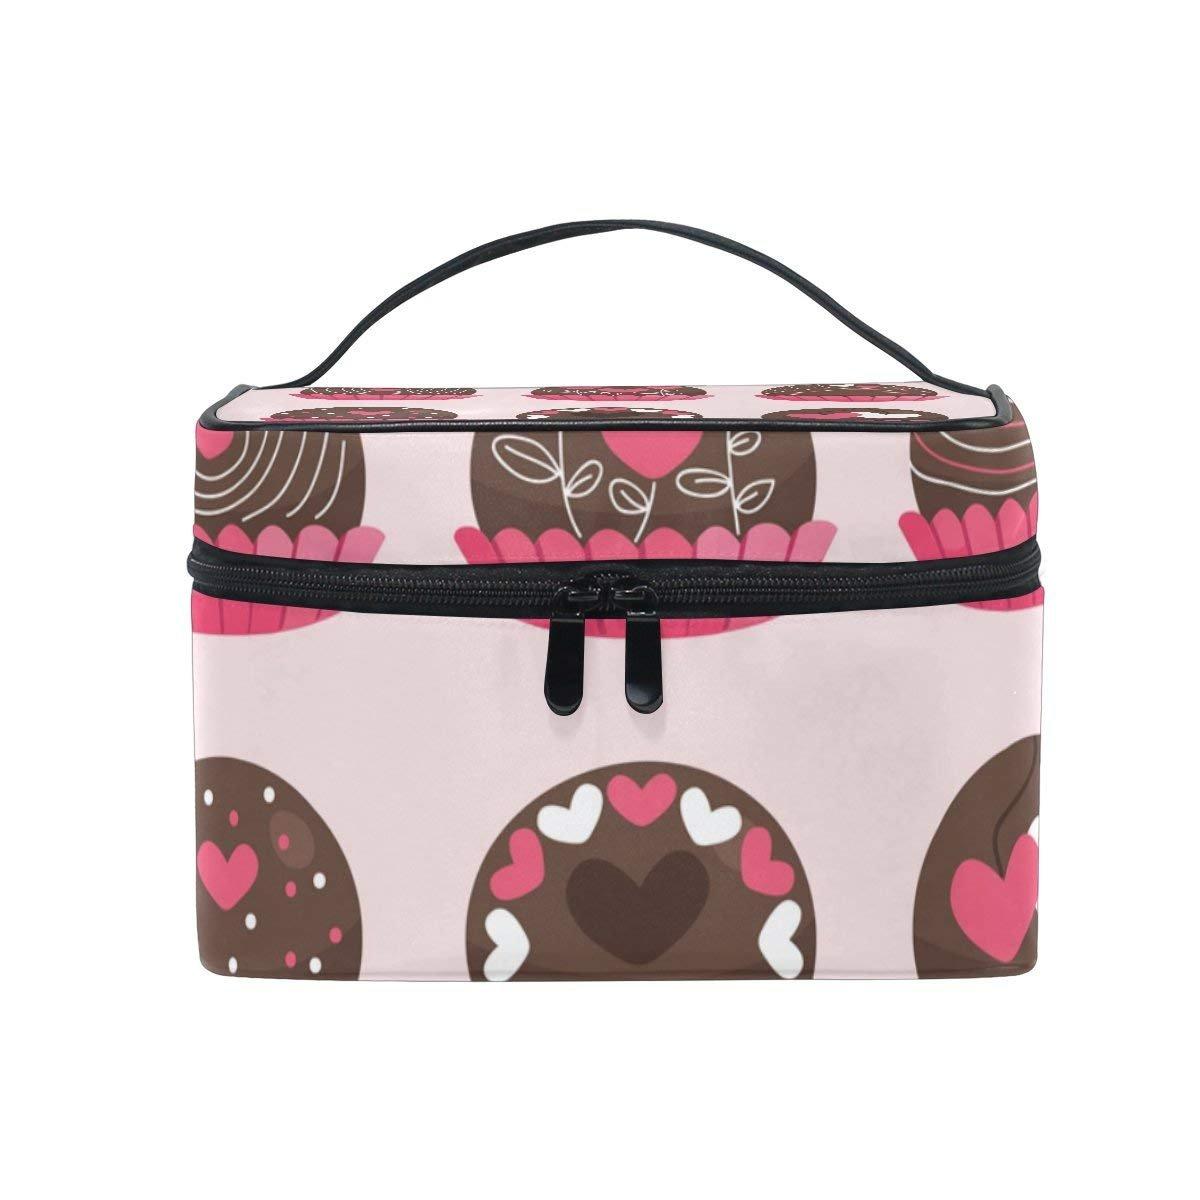 Makeup Bag Chocolate Love Mens Travel Toiletry Bag Mens Cosmetic Bags for Women Fun Large Makeup Organizer